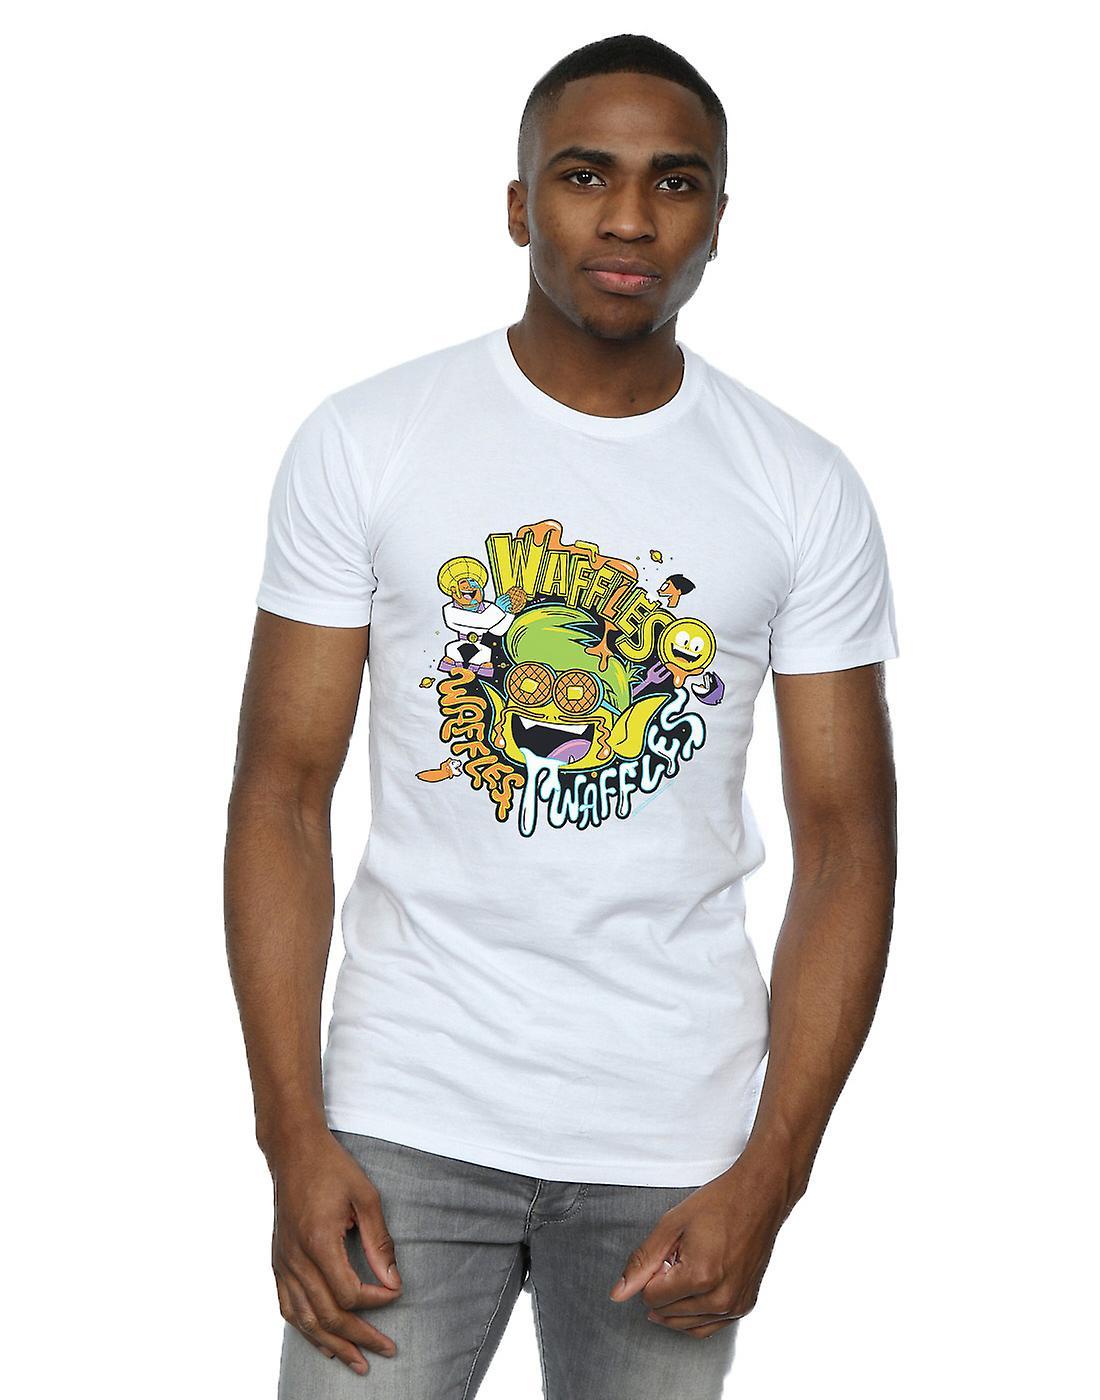 DC Comics Men's Teen Titans Go Waffle Mania T-Shirt